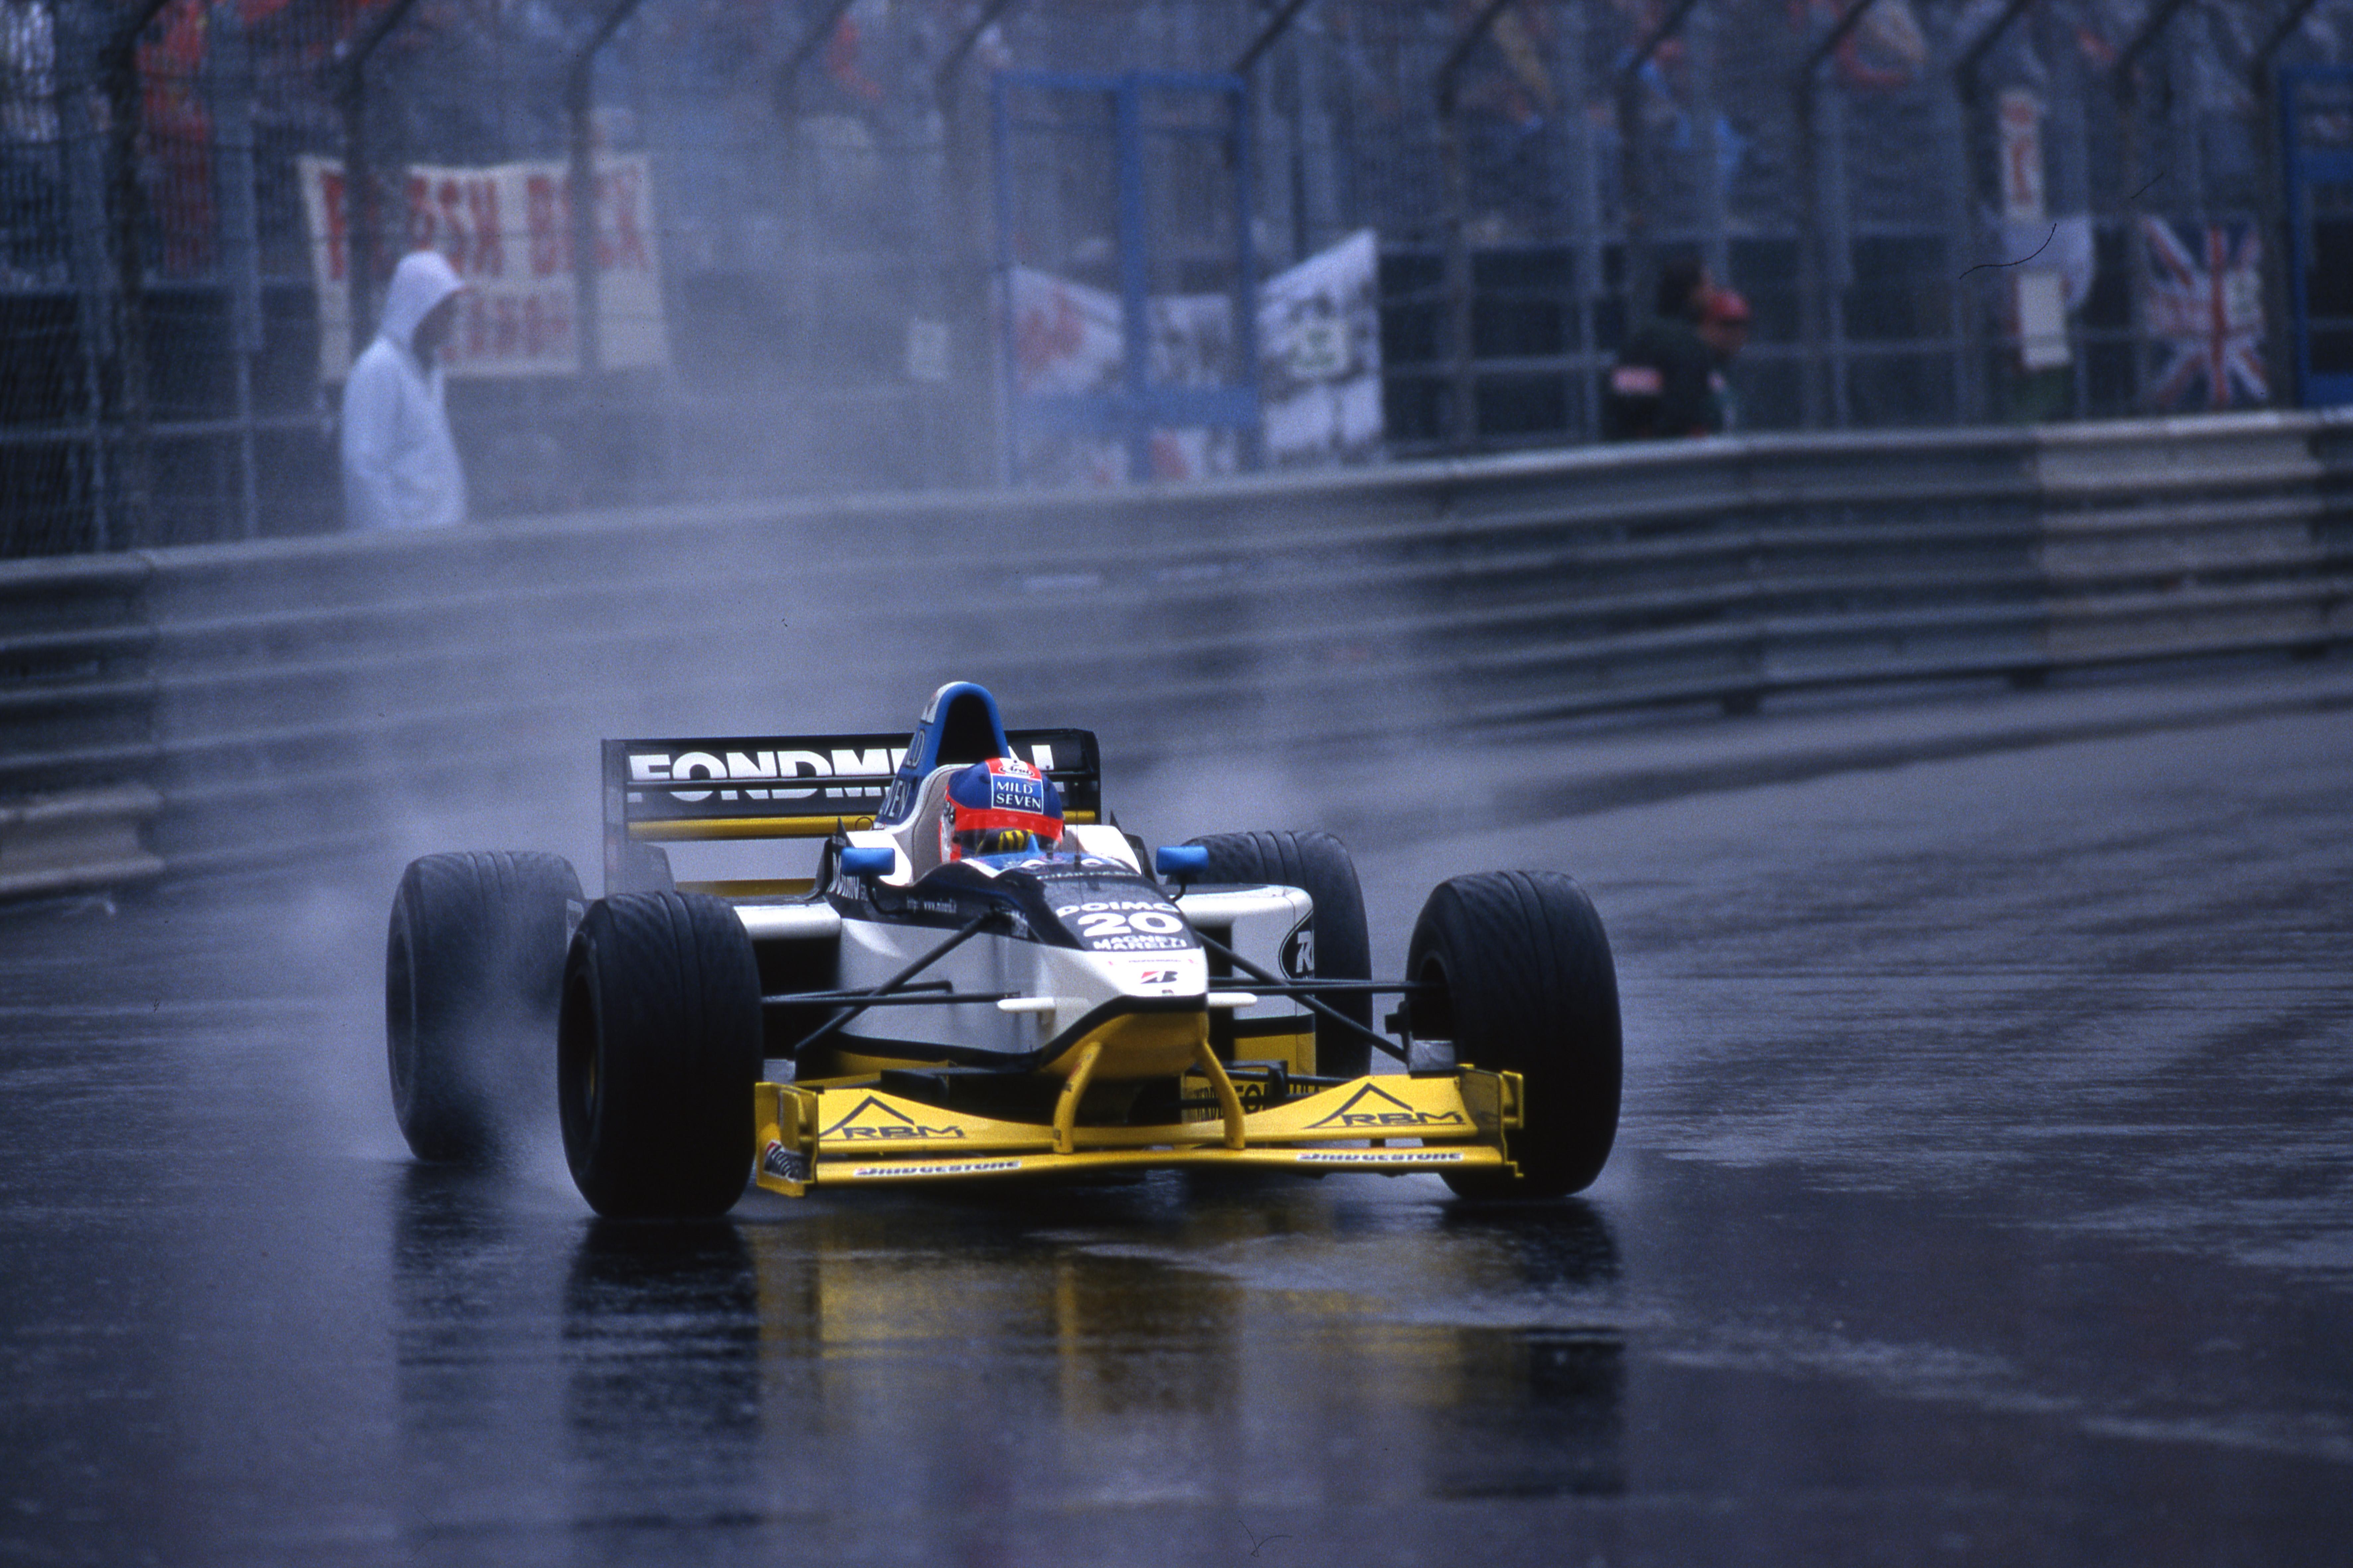 Monaco Grand Prix Monte Carlo (mc) 08 11 05 1997